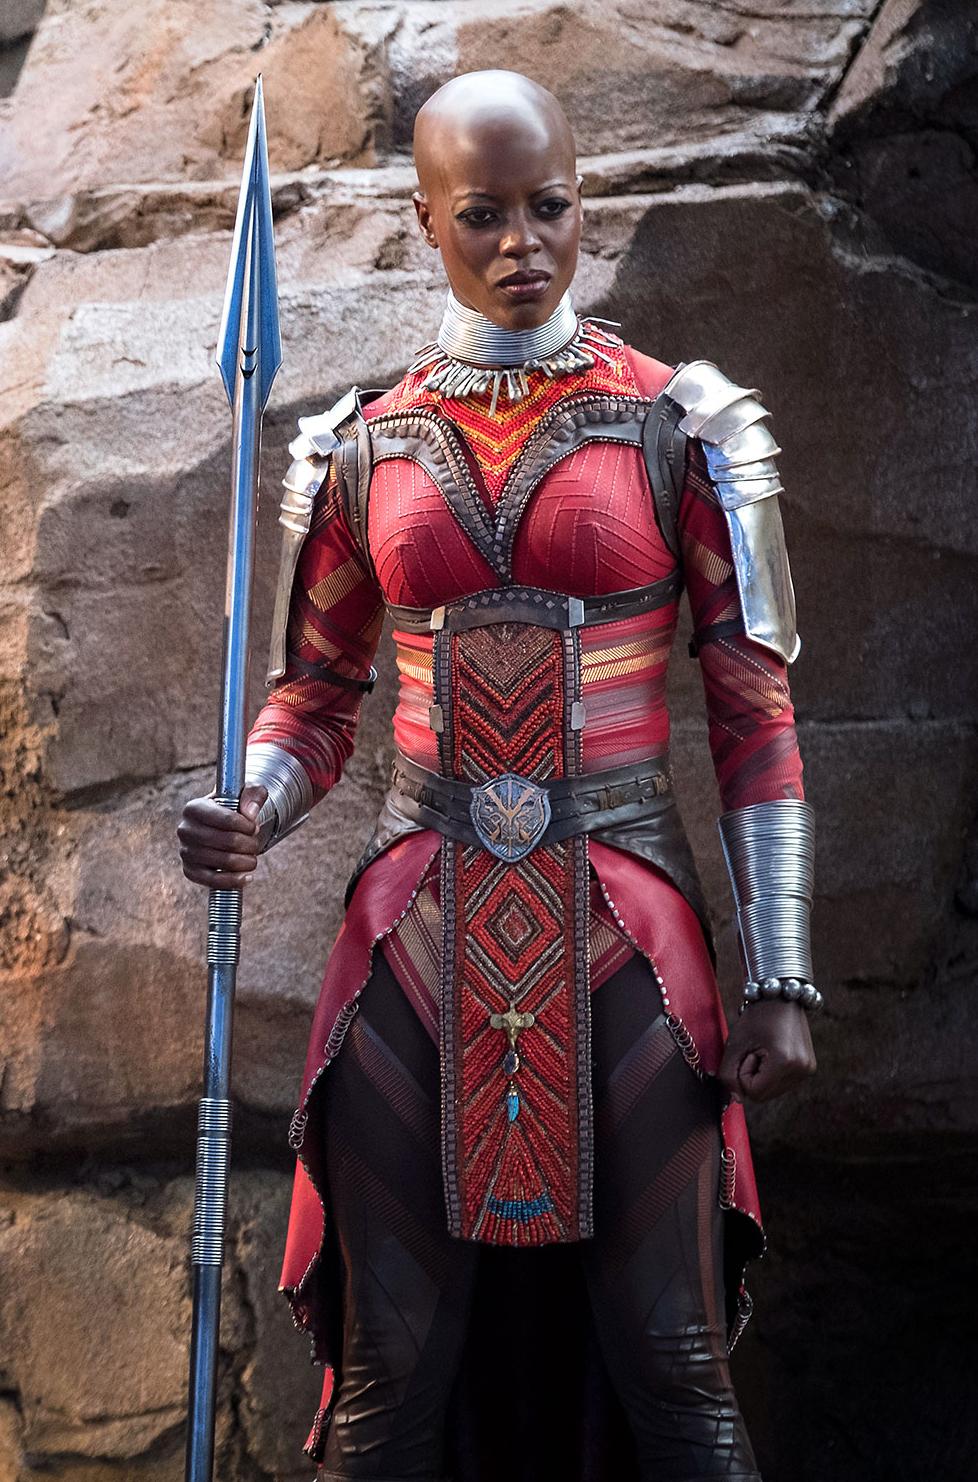 Florence Kasumba in the film Black Panther as Ayo